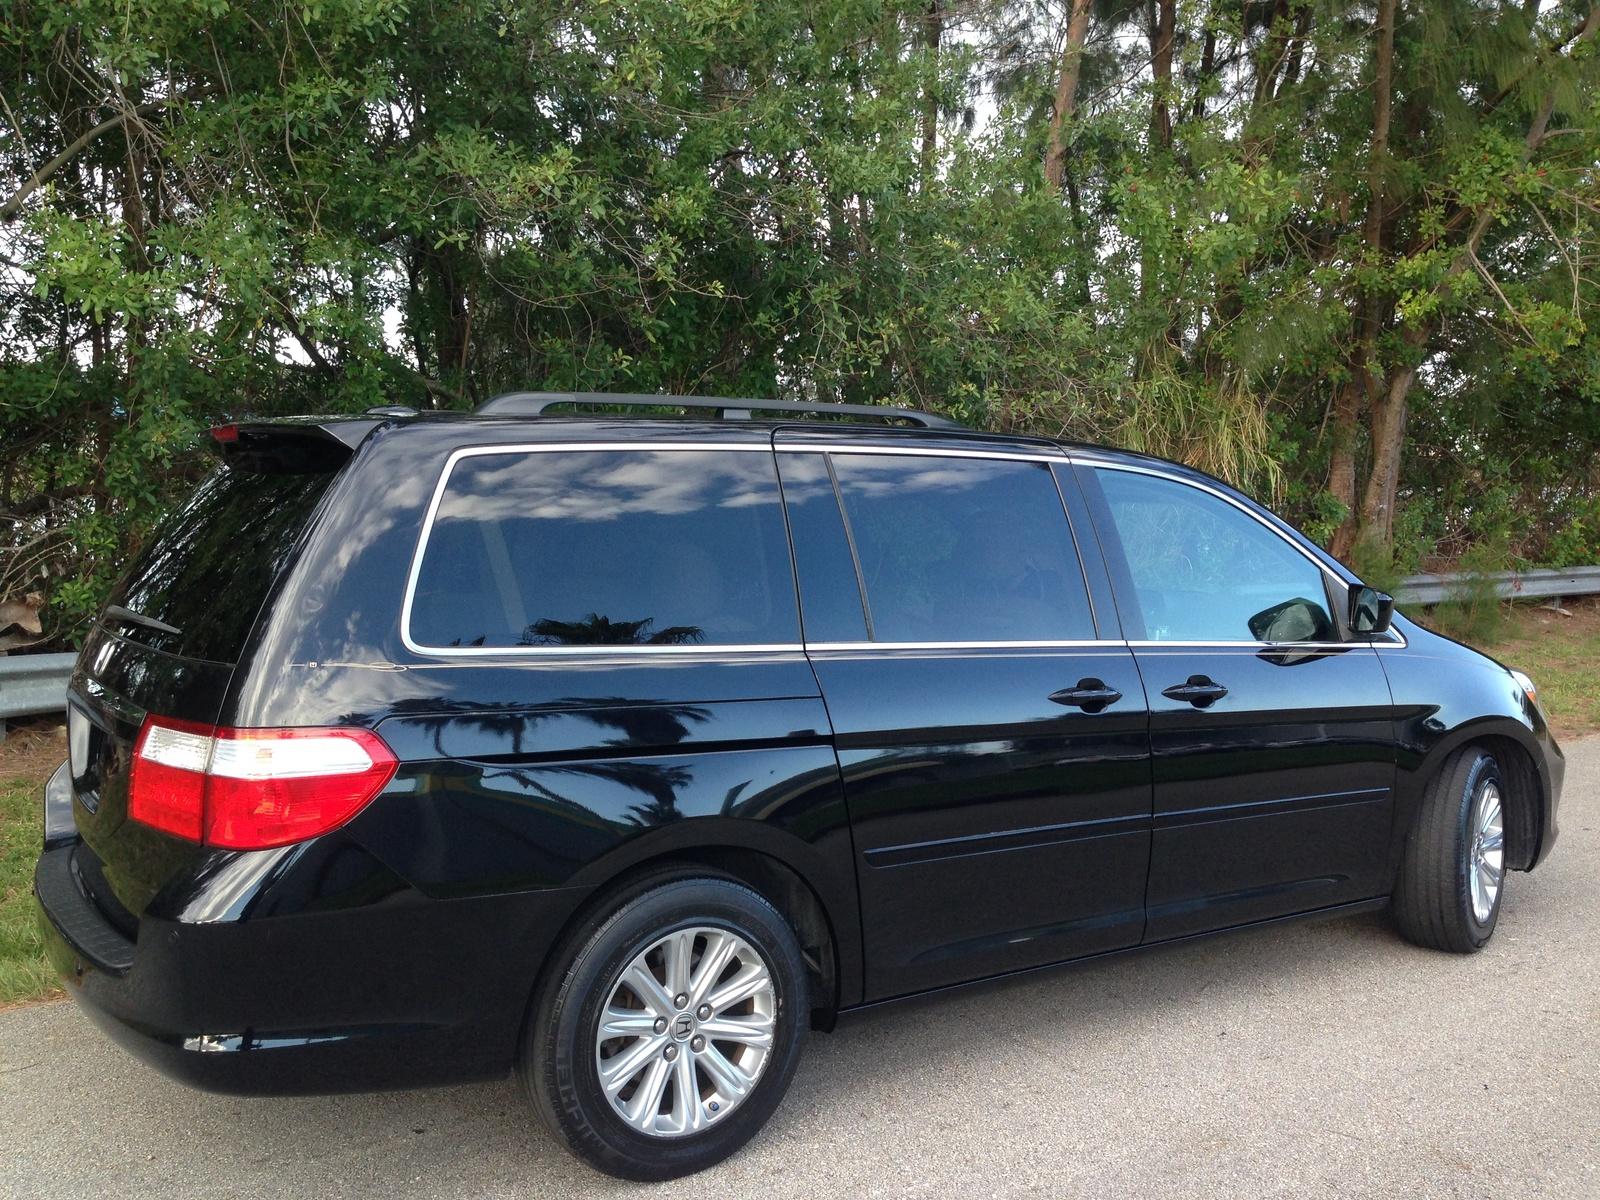 2007 Honda Odyssey - Pictures - CarGurus